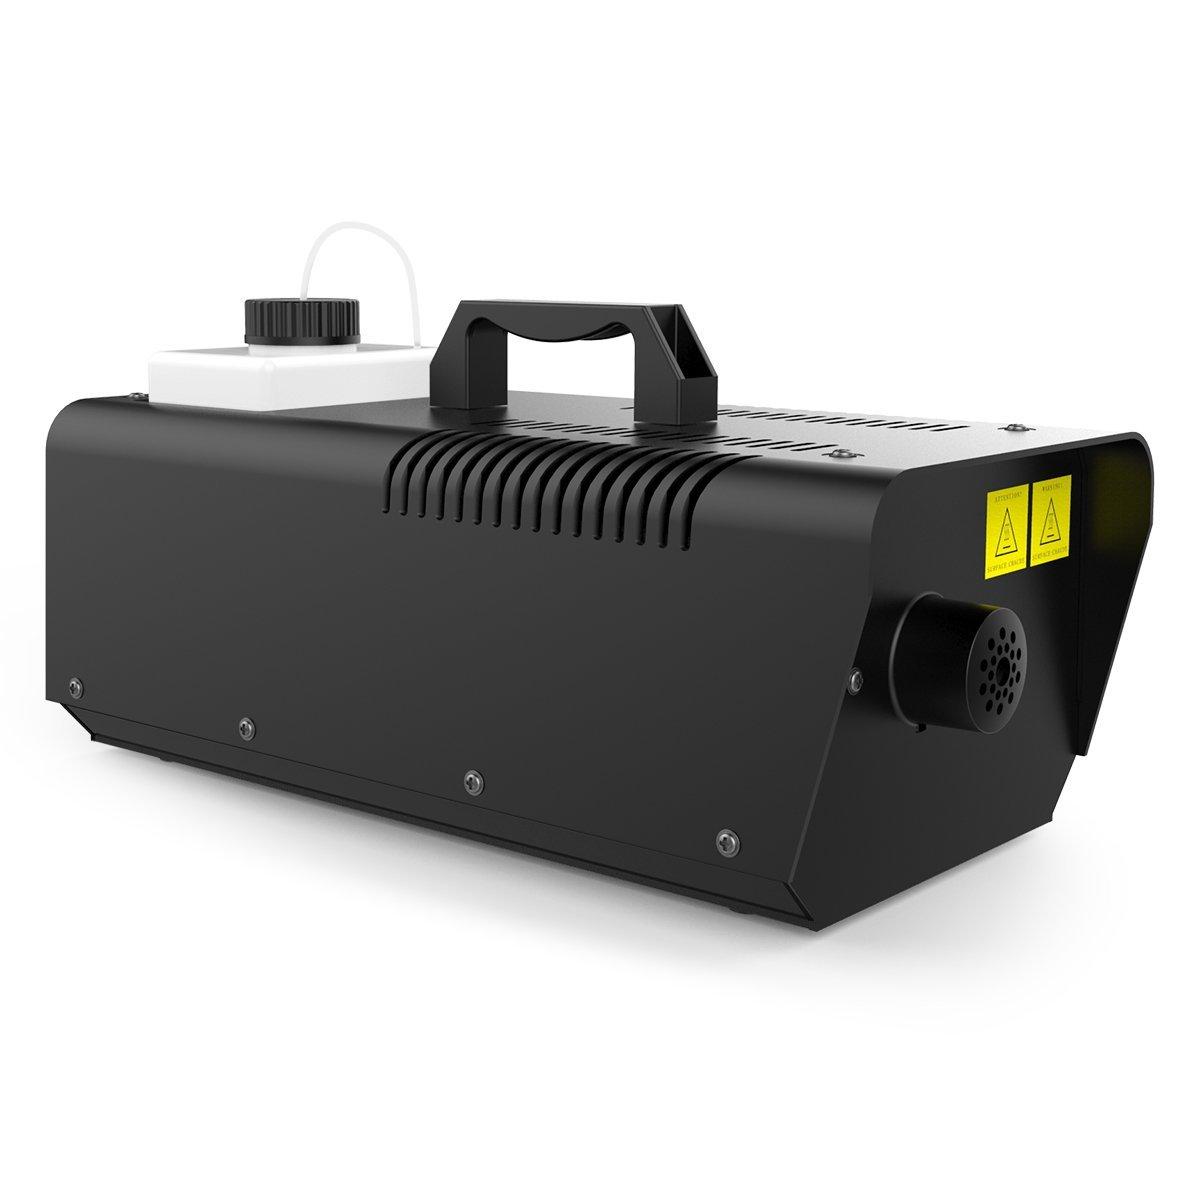 1byone 400 W Mini máquina de niebla con mando a distancia con cable, 550 ml capacidad del depósito: Amazon.es: Instrumentos musicales